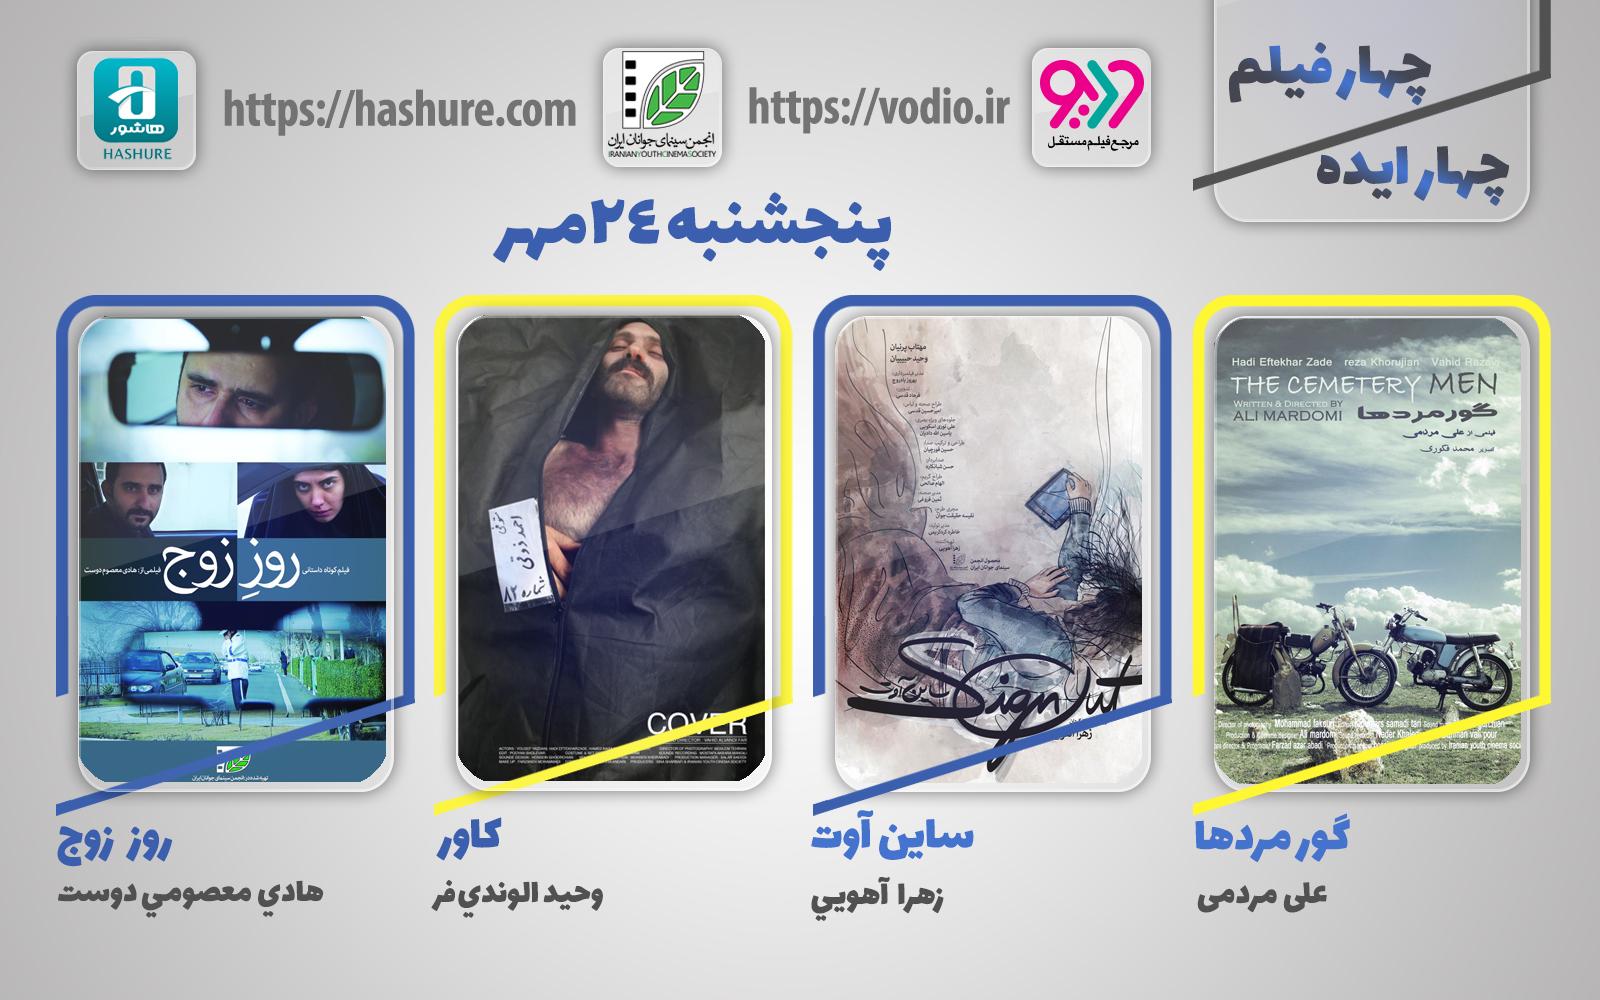 یازدهمین هفته نمایش اینترنتی «چهار ایده، چهار فیلم» از 24 مهر